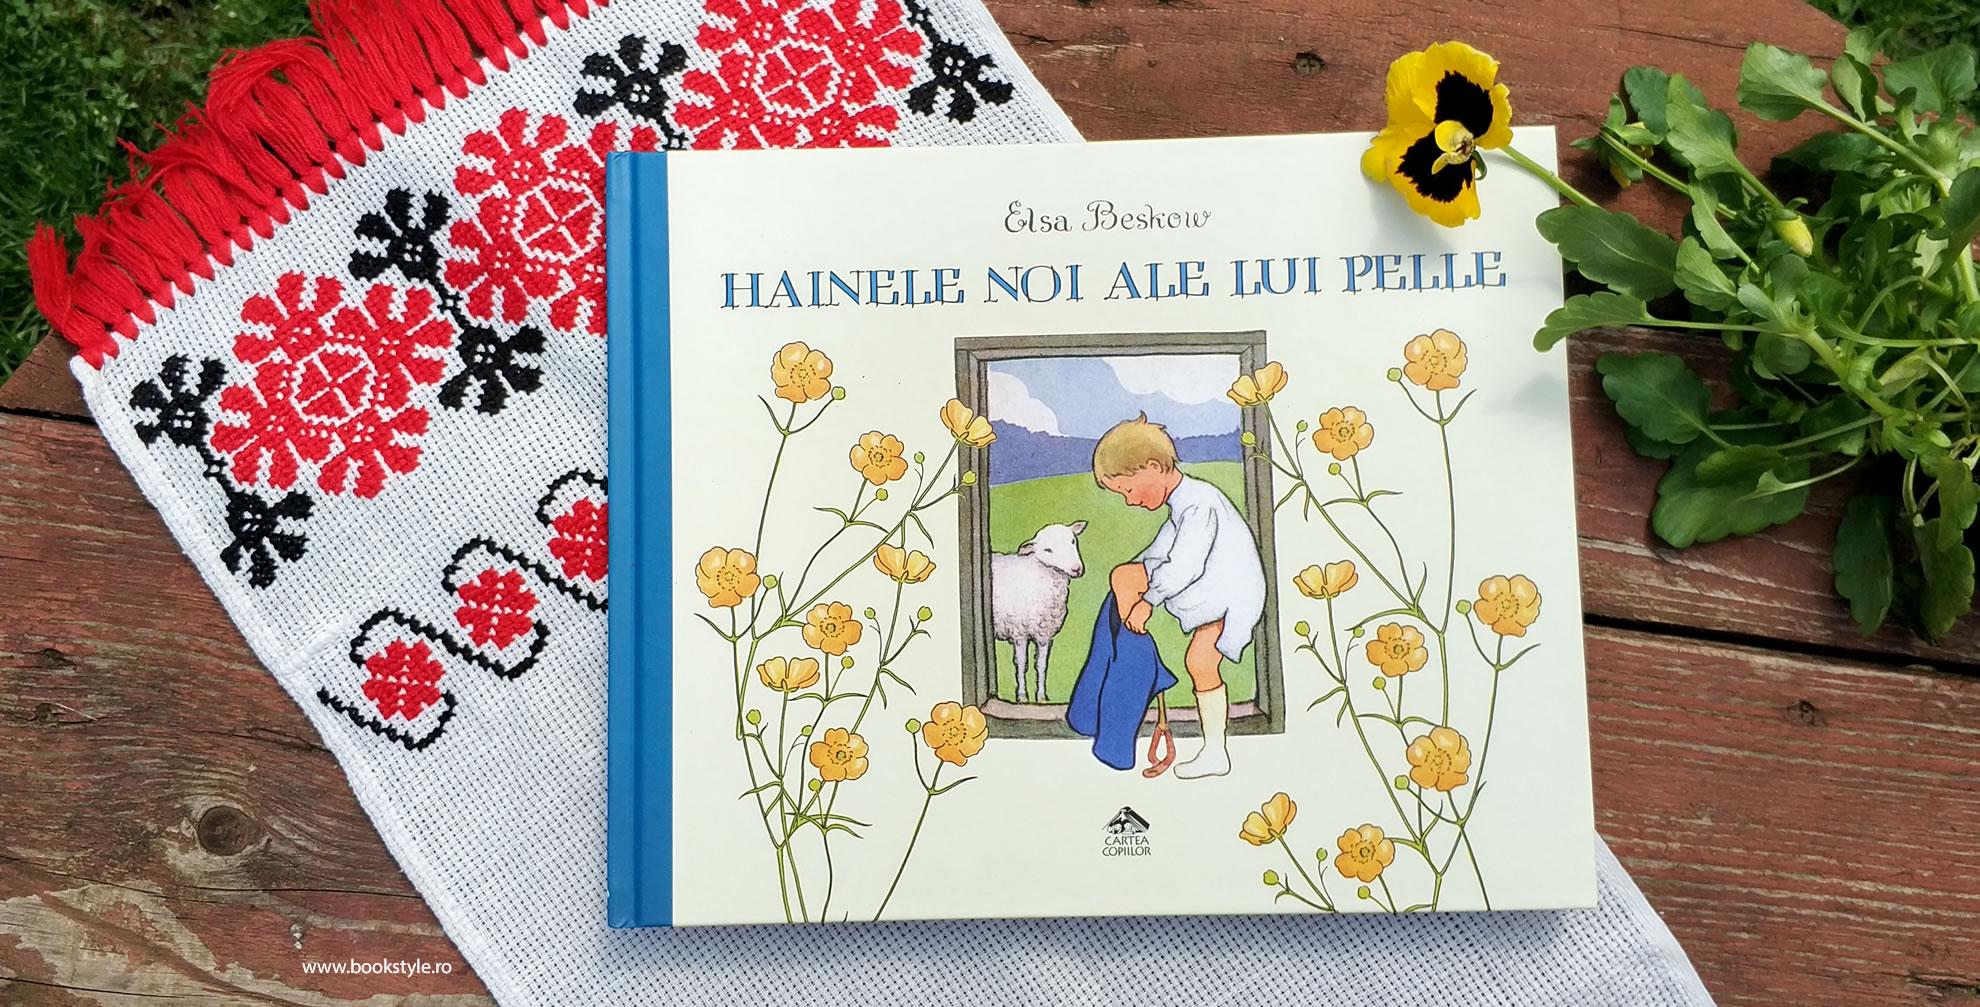 Hainele noi ale lui Pelle, de Elsa Beskow, Editura Cartea Copiilor ISBN: 978-606-8544-49-6